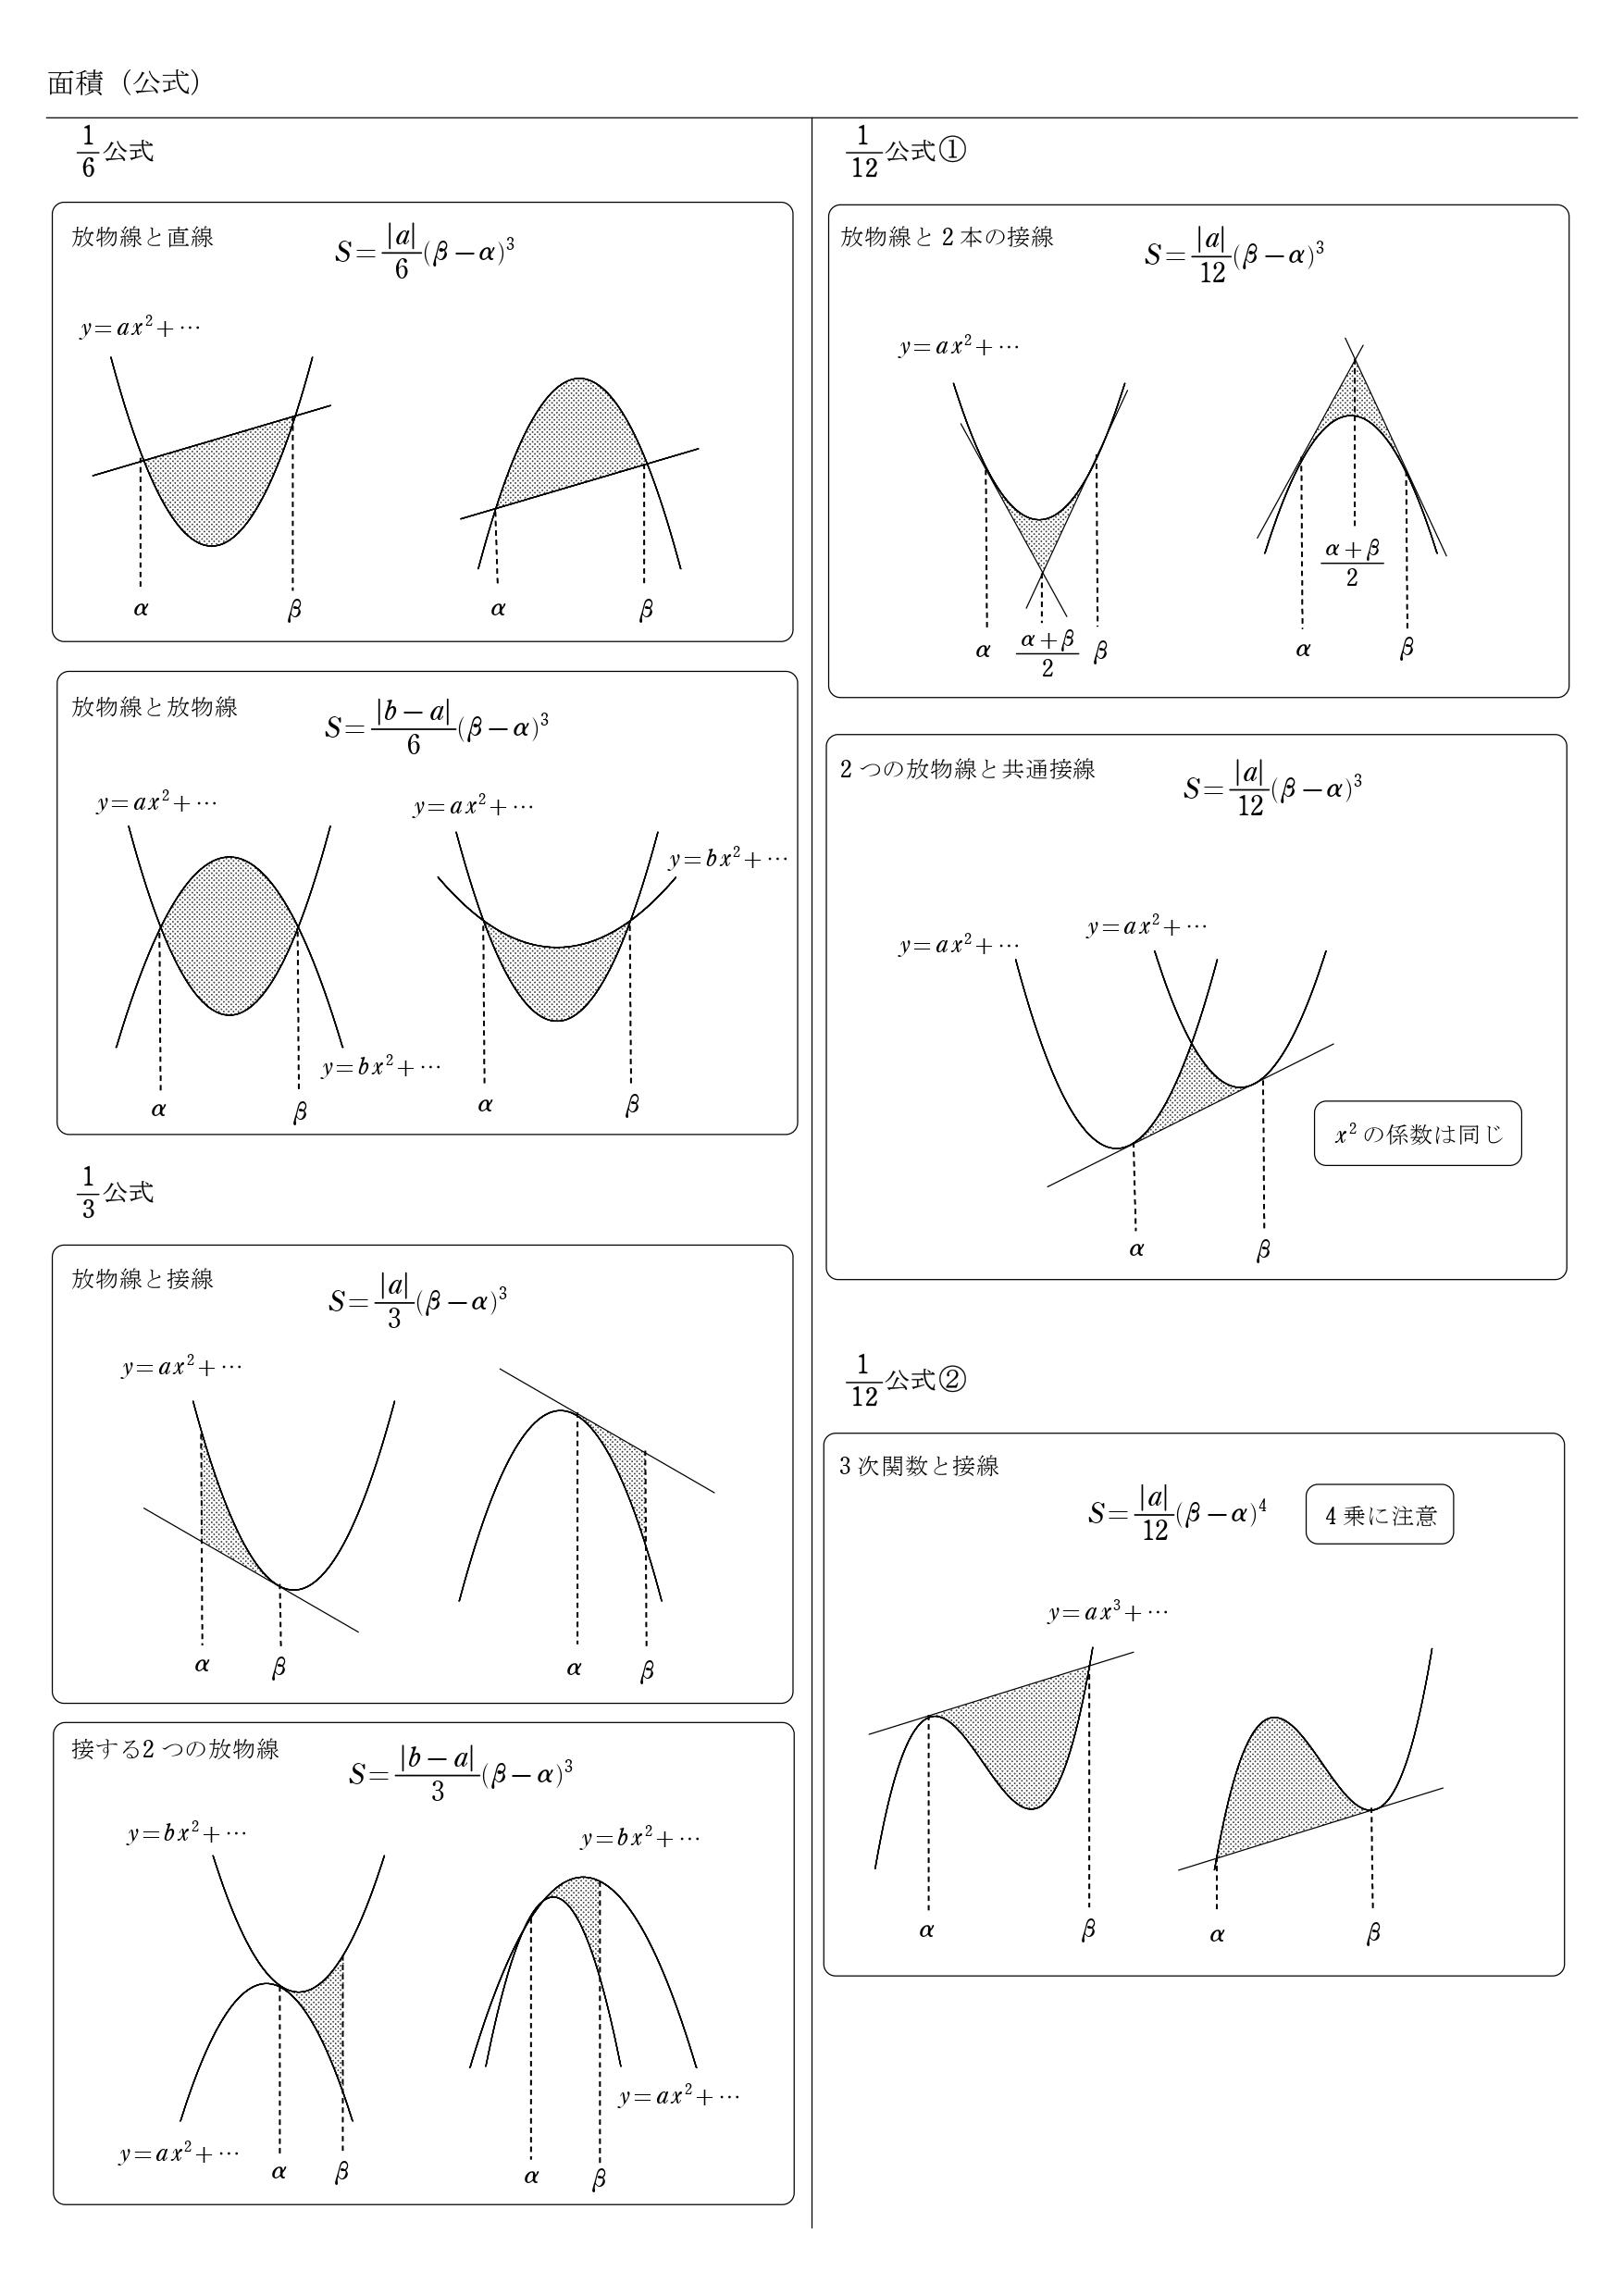 積分 面積 まとめ 一覧 問題 解答 公式